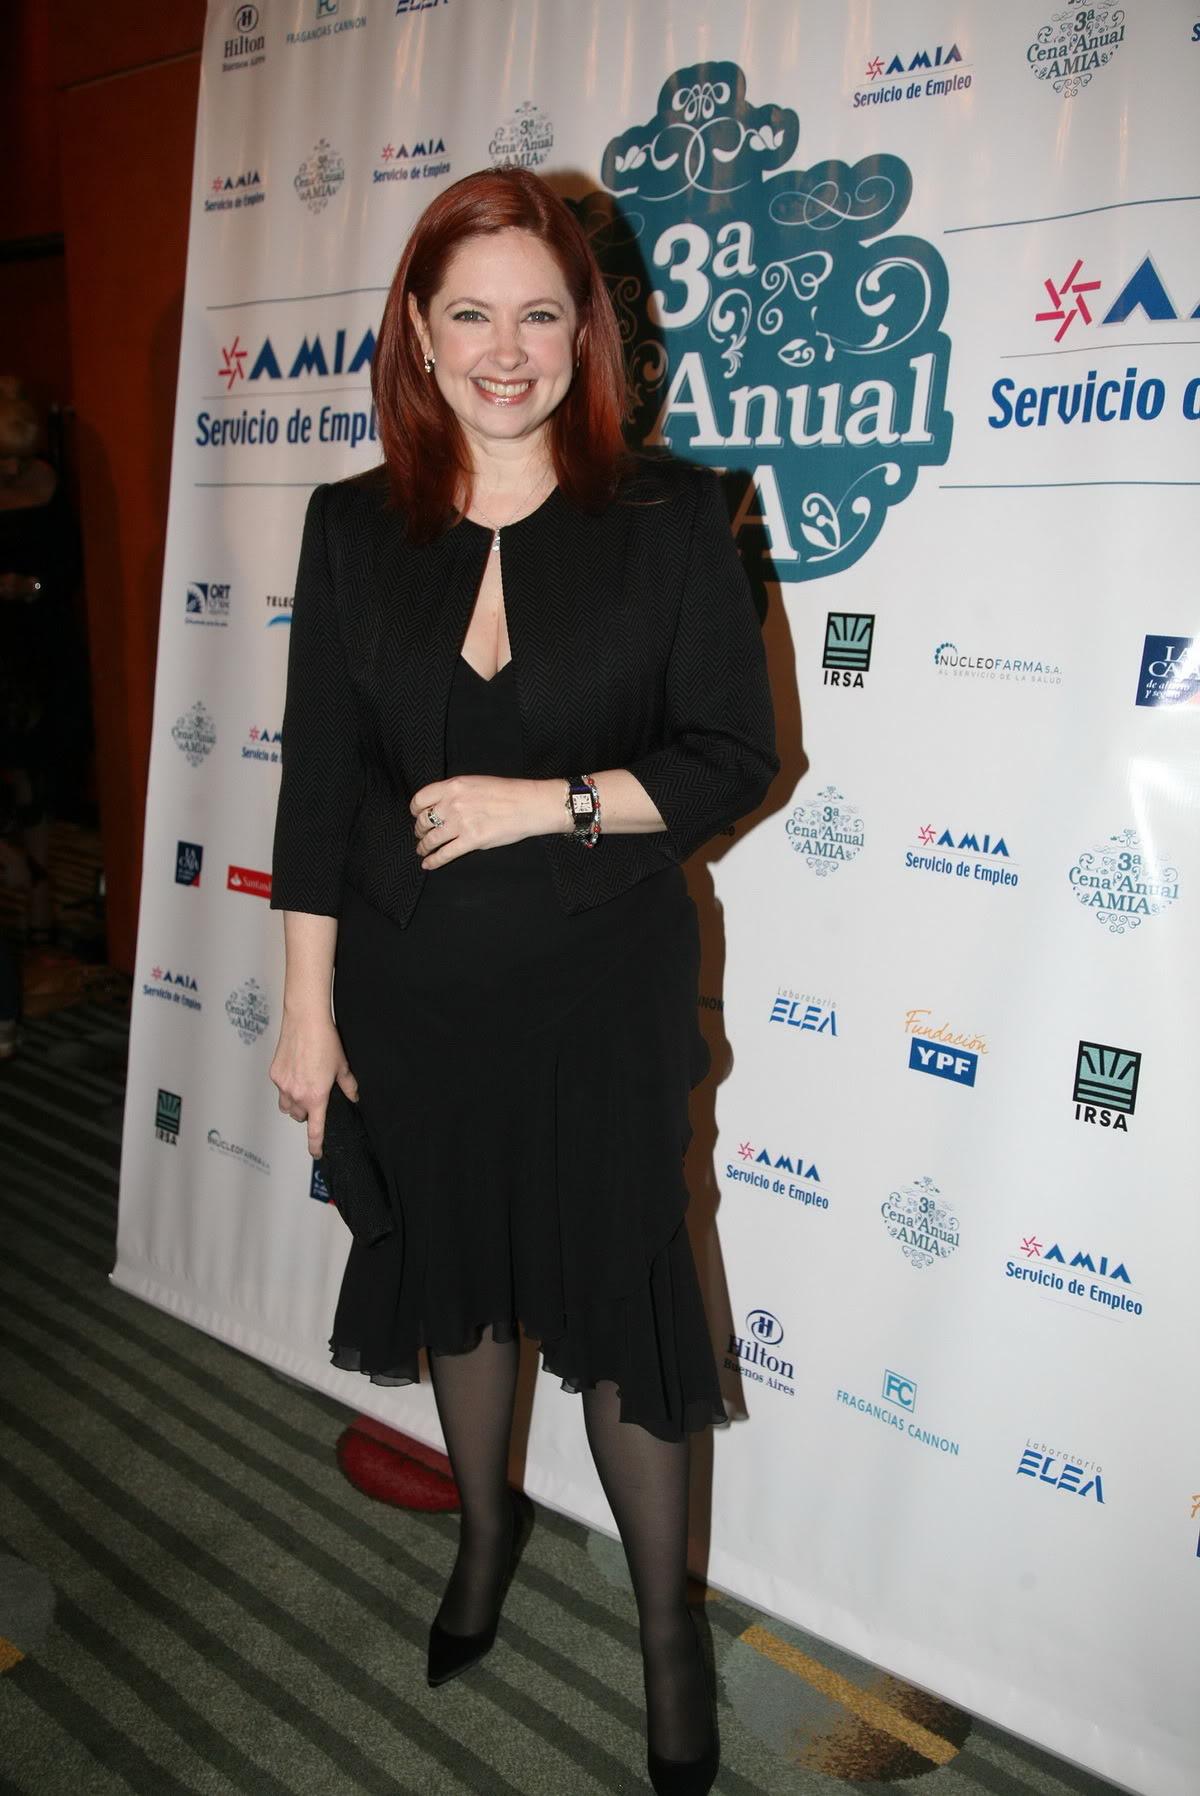 Andrea en la cena de la AMIA Andrea-del-Boca-1